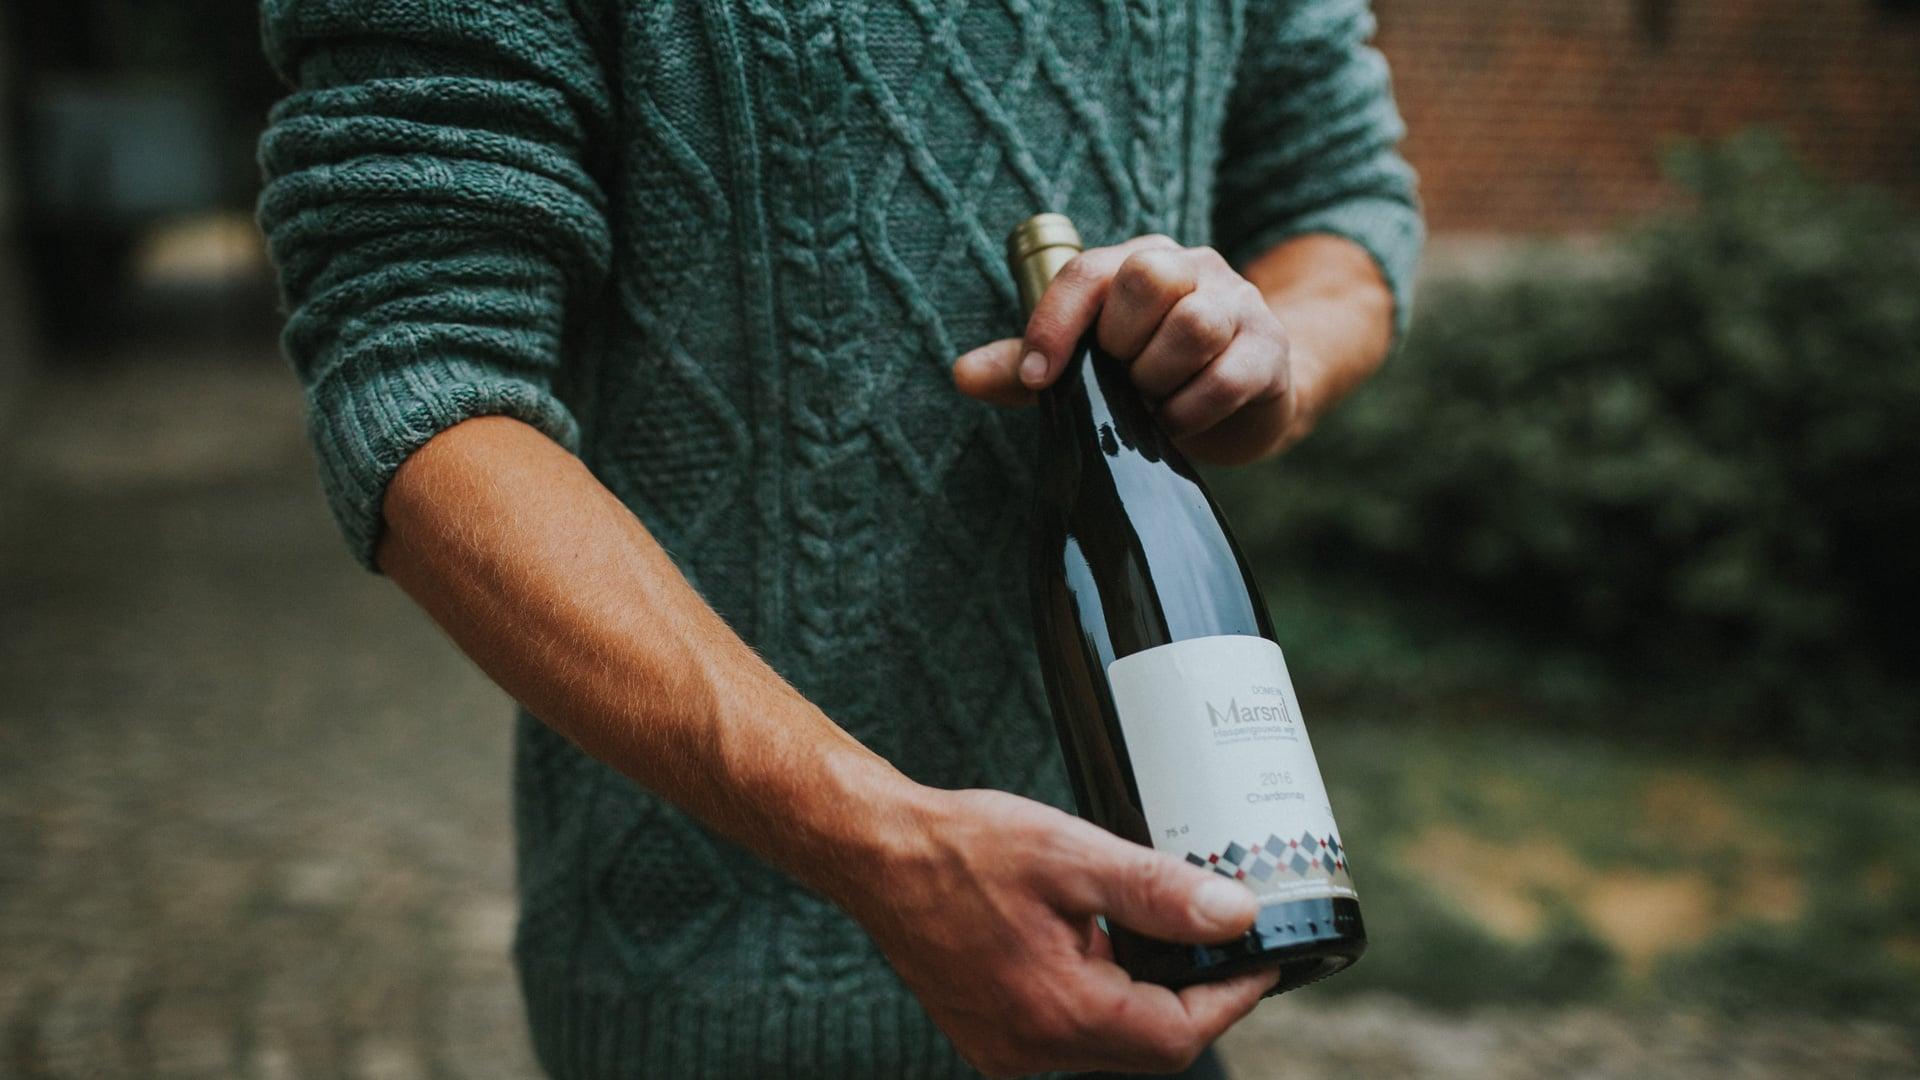 Onze wijn - Domein Marsnil